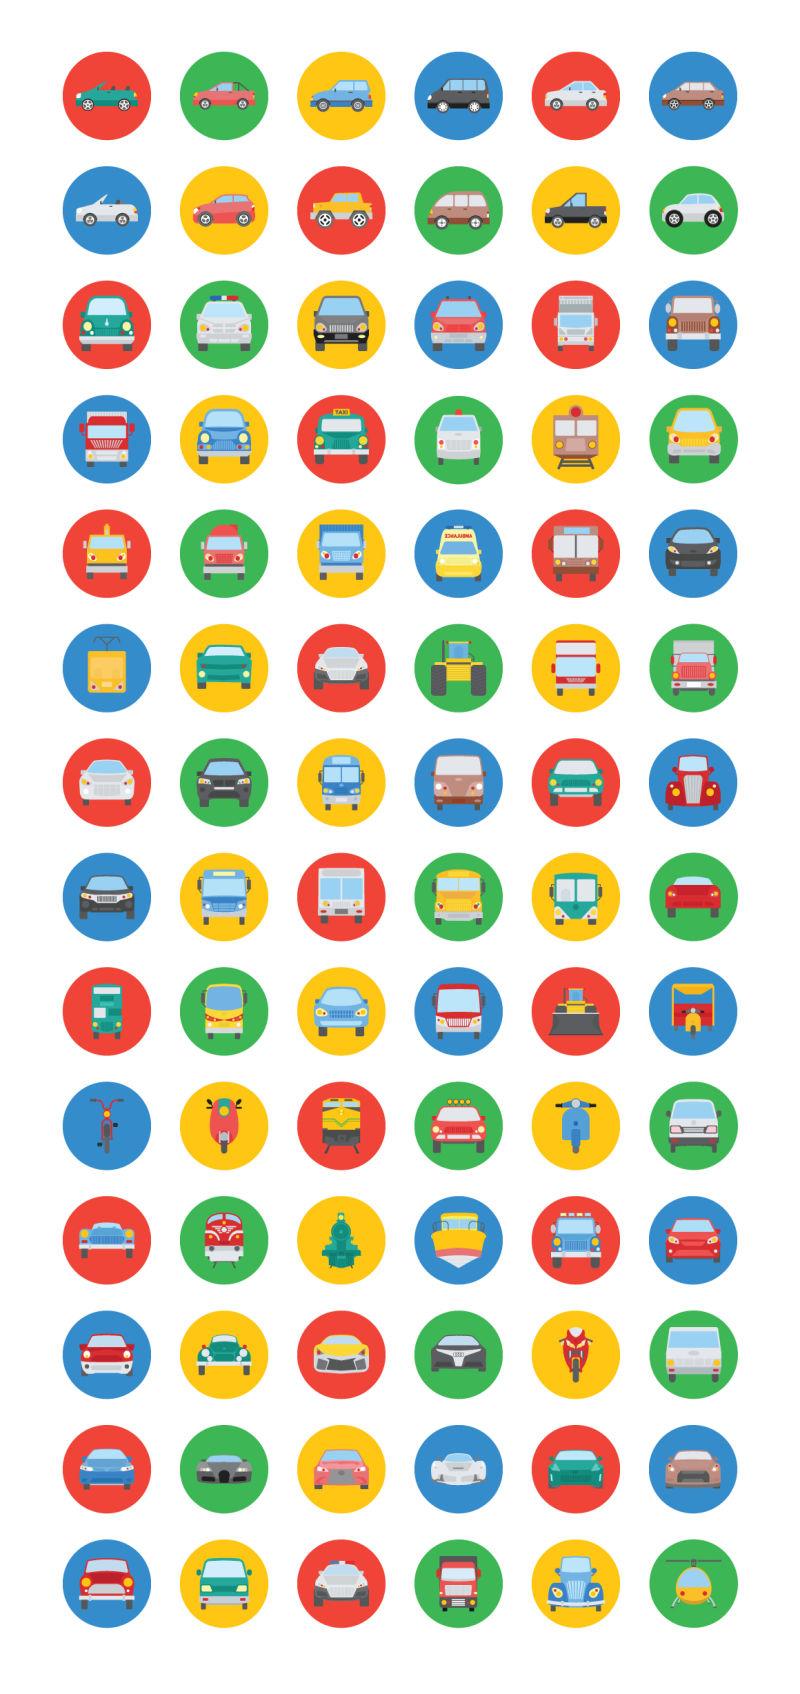 抽象矢量交通工具图标设计